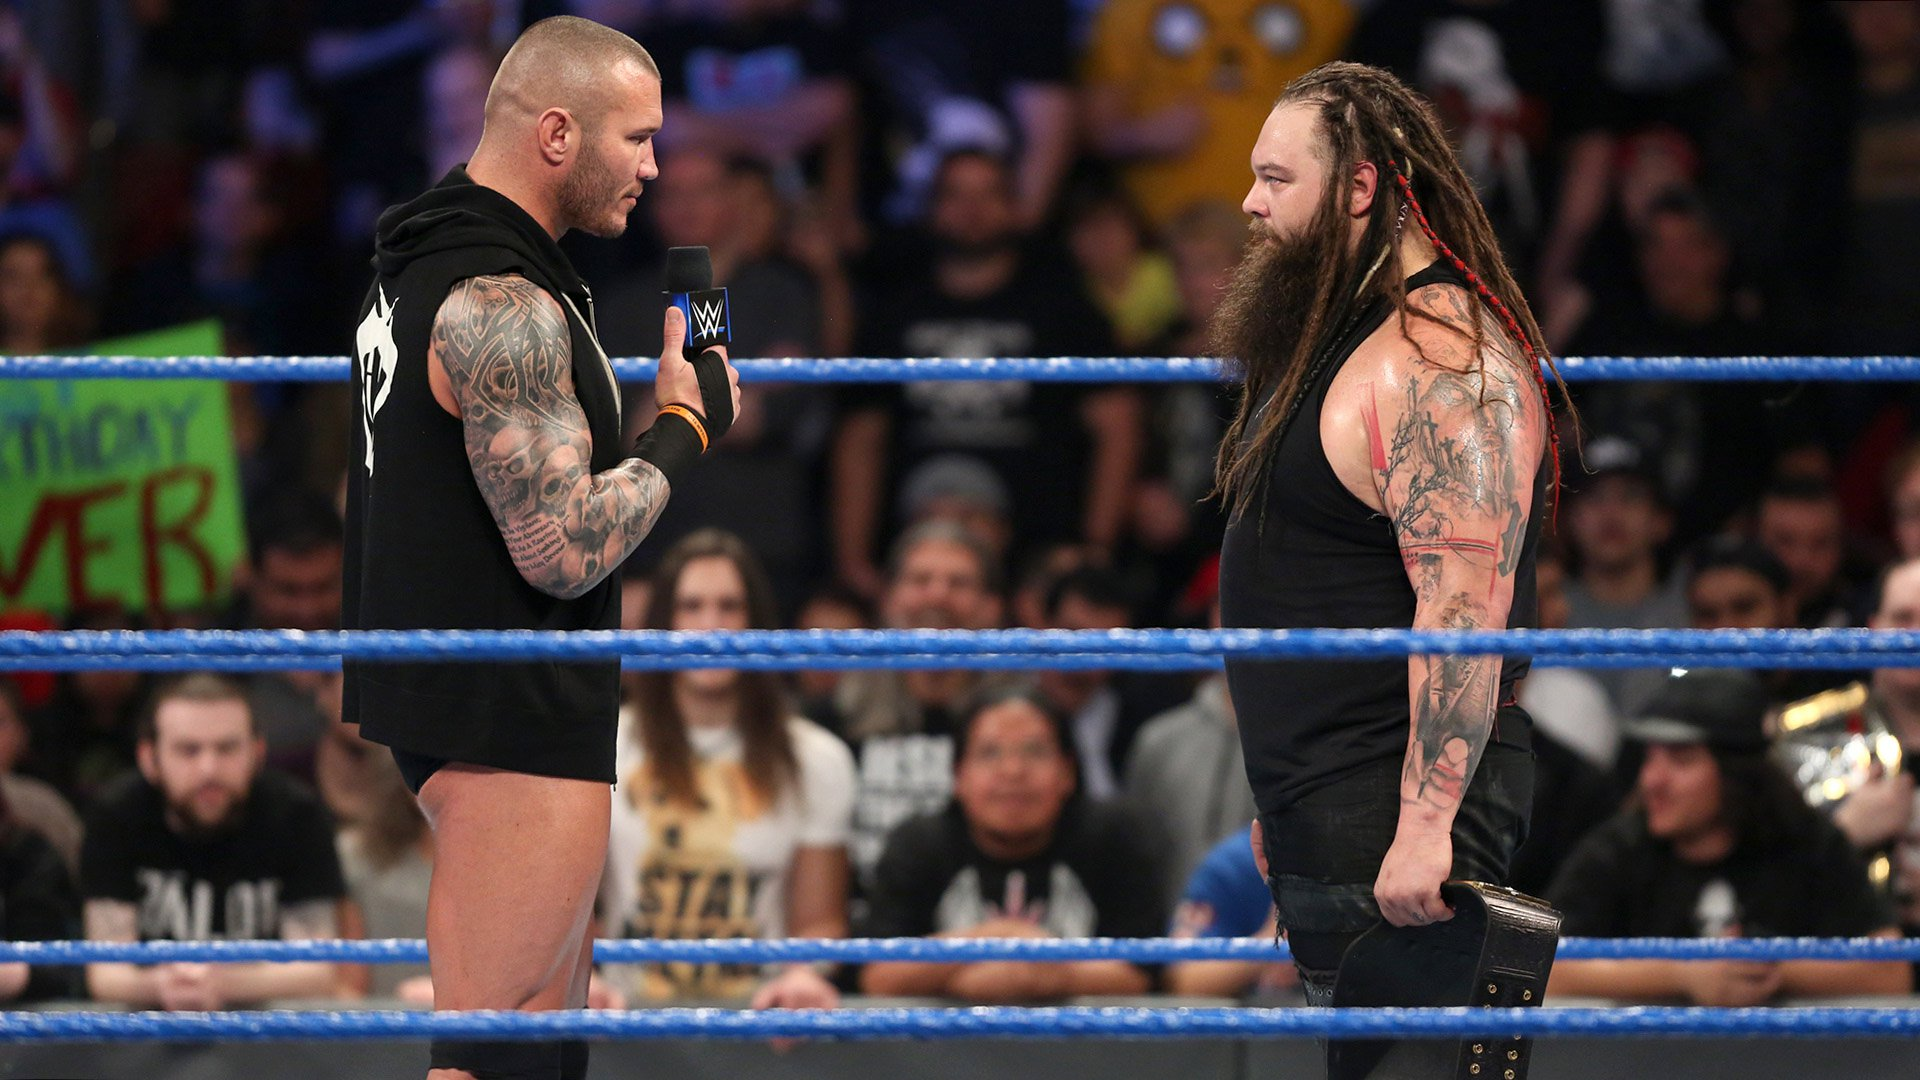 Randy Orton nie chce starcia z Brayem Wyattem na WrestleManii: SmackDown LIVE 14.02.17